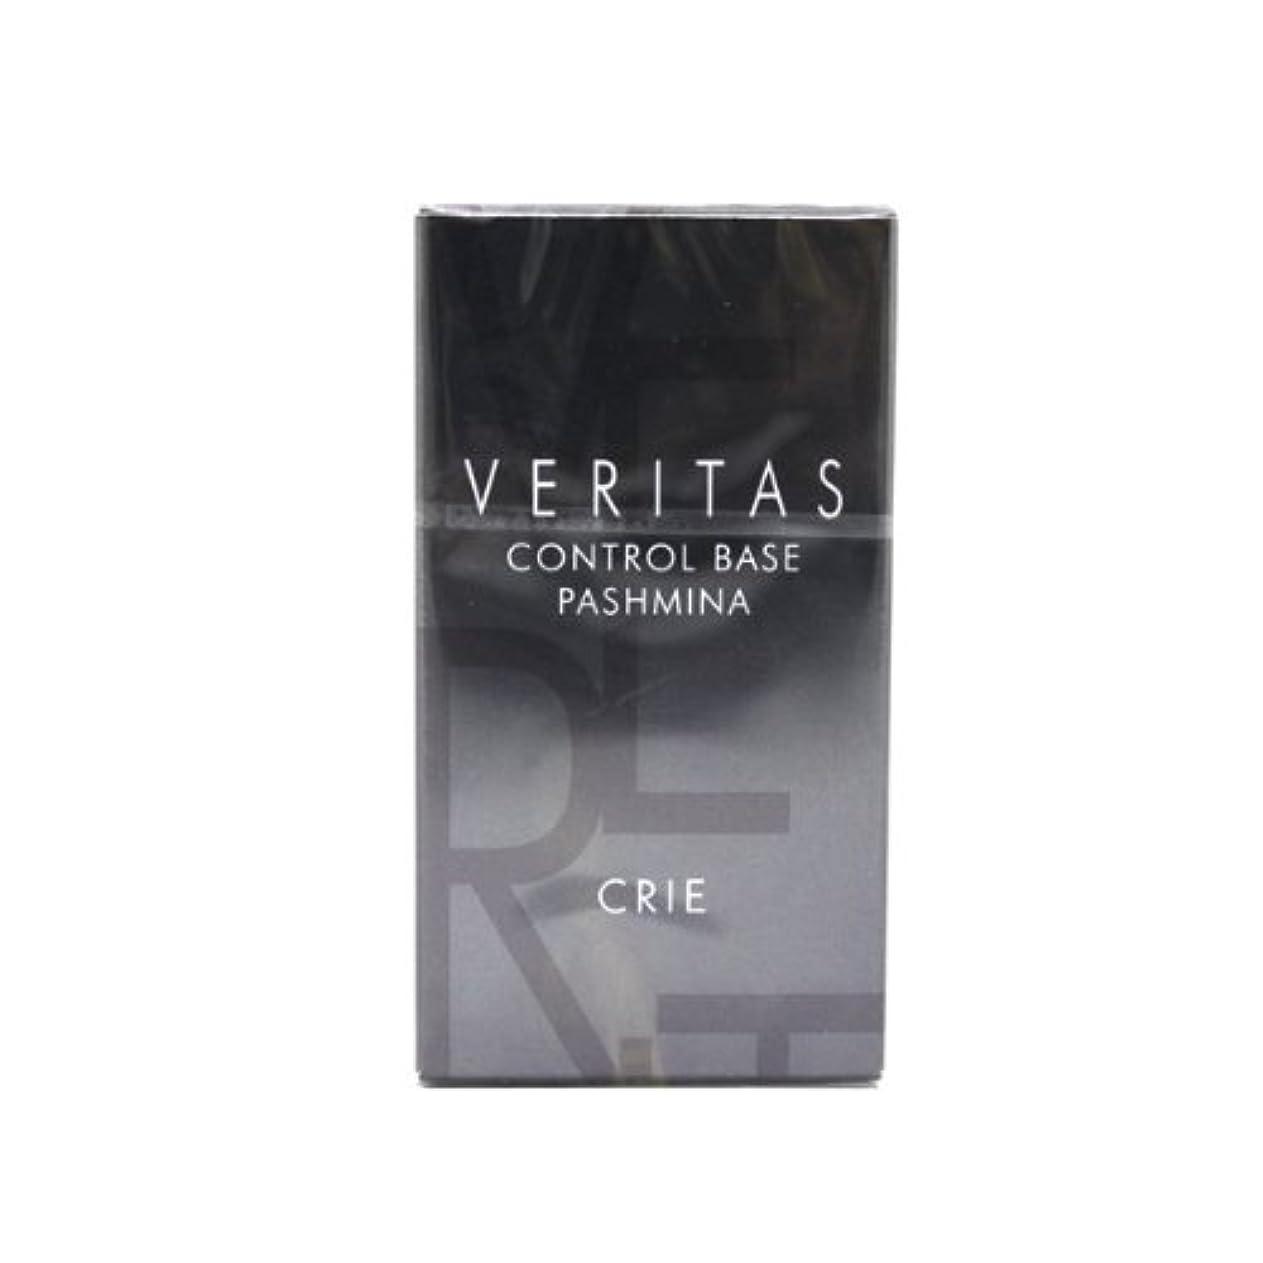 つぼみ引き出し分離するクリエ(CRIE) ヴェリタス コントロールベース パシュミナ 001 パール 30ml